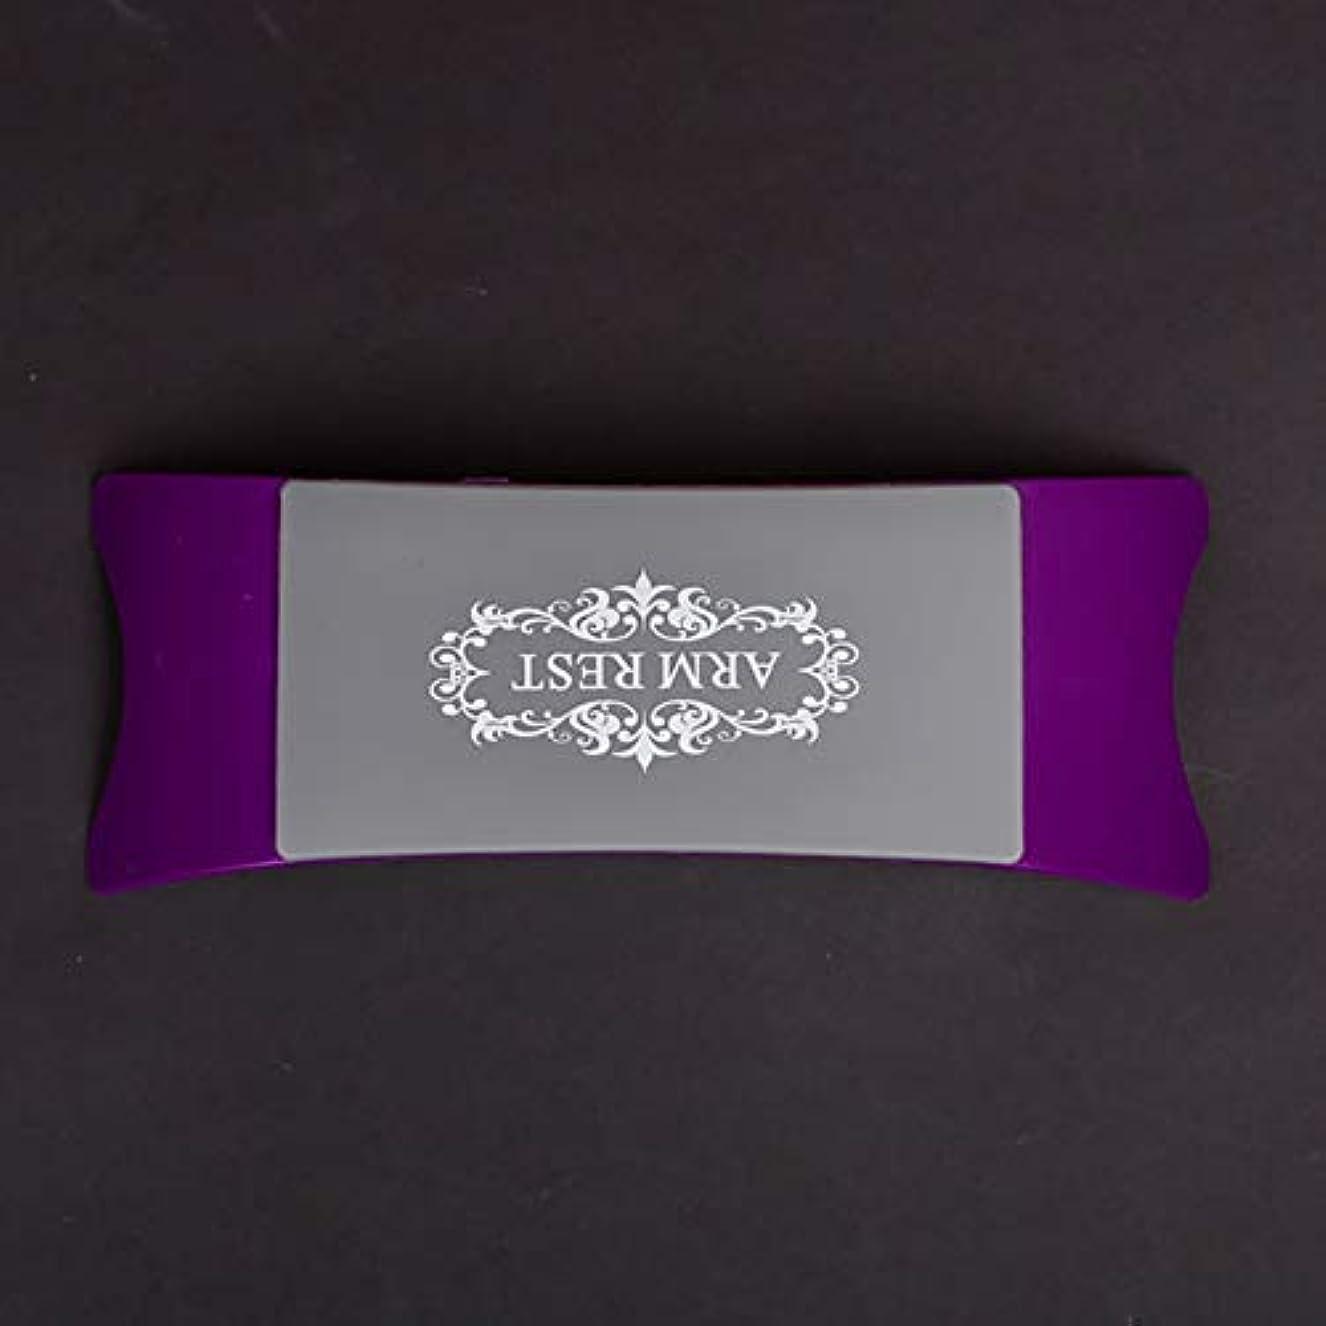 群集純正ドライACHICOO 腕置き 肘置き 肘掛け プロ 快適 ネイルアートクッション 枕 マニキュアツール 手の枕 ハンドピロー ジェルネイルまくら 練習用にも   紫の